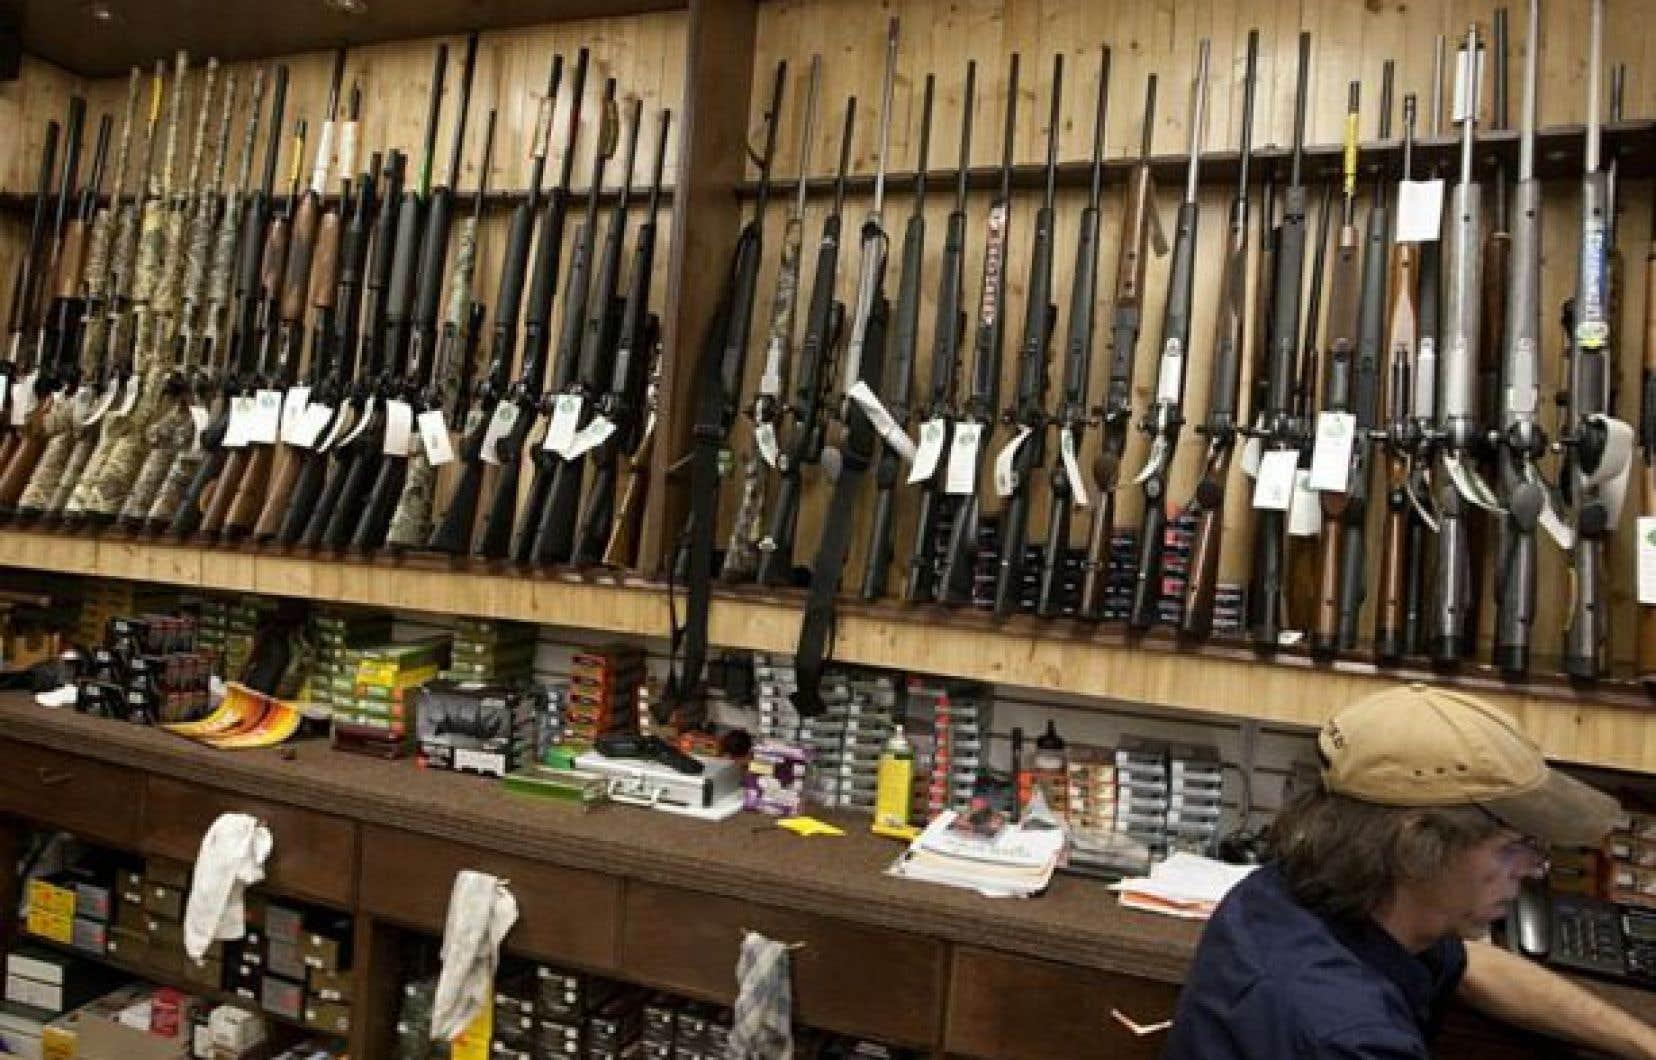 La fusillade de Polytechnique en 1989 serait une des raisons qui explique l'approche plus sévère de Québec face aux armes qu'ailleurs au pays.